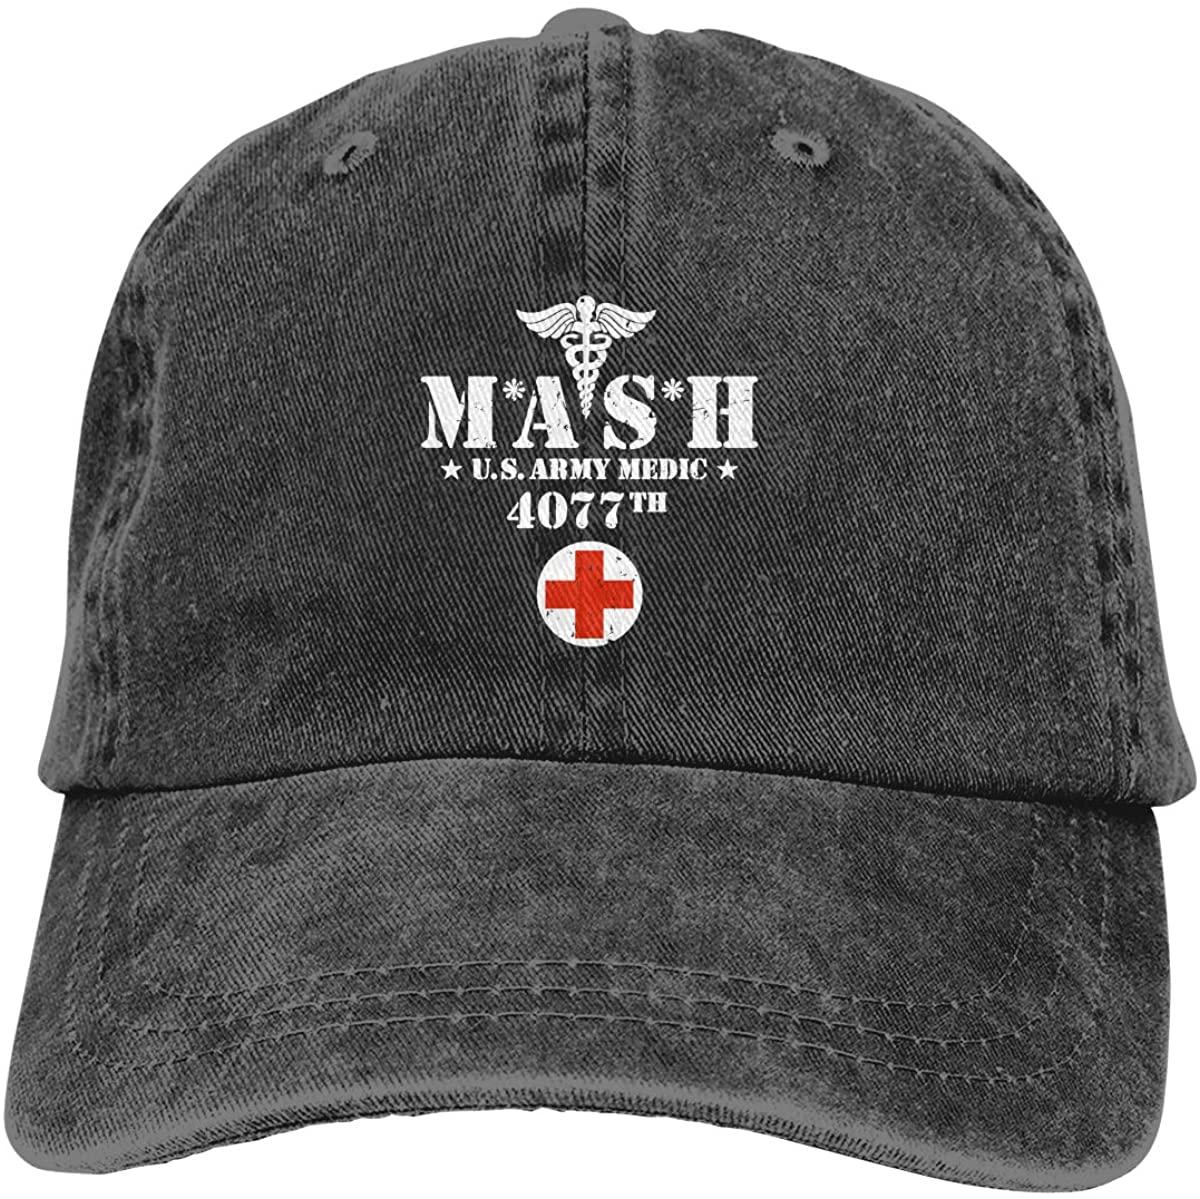 MASH 4077th Tv Division Men Fashion Hat Women's Classical Cap Hats